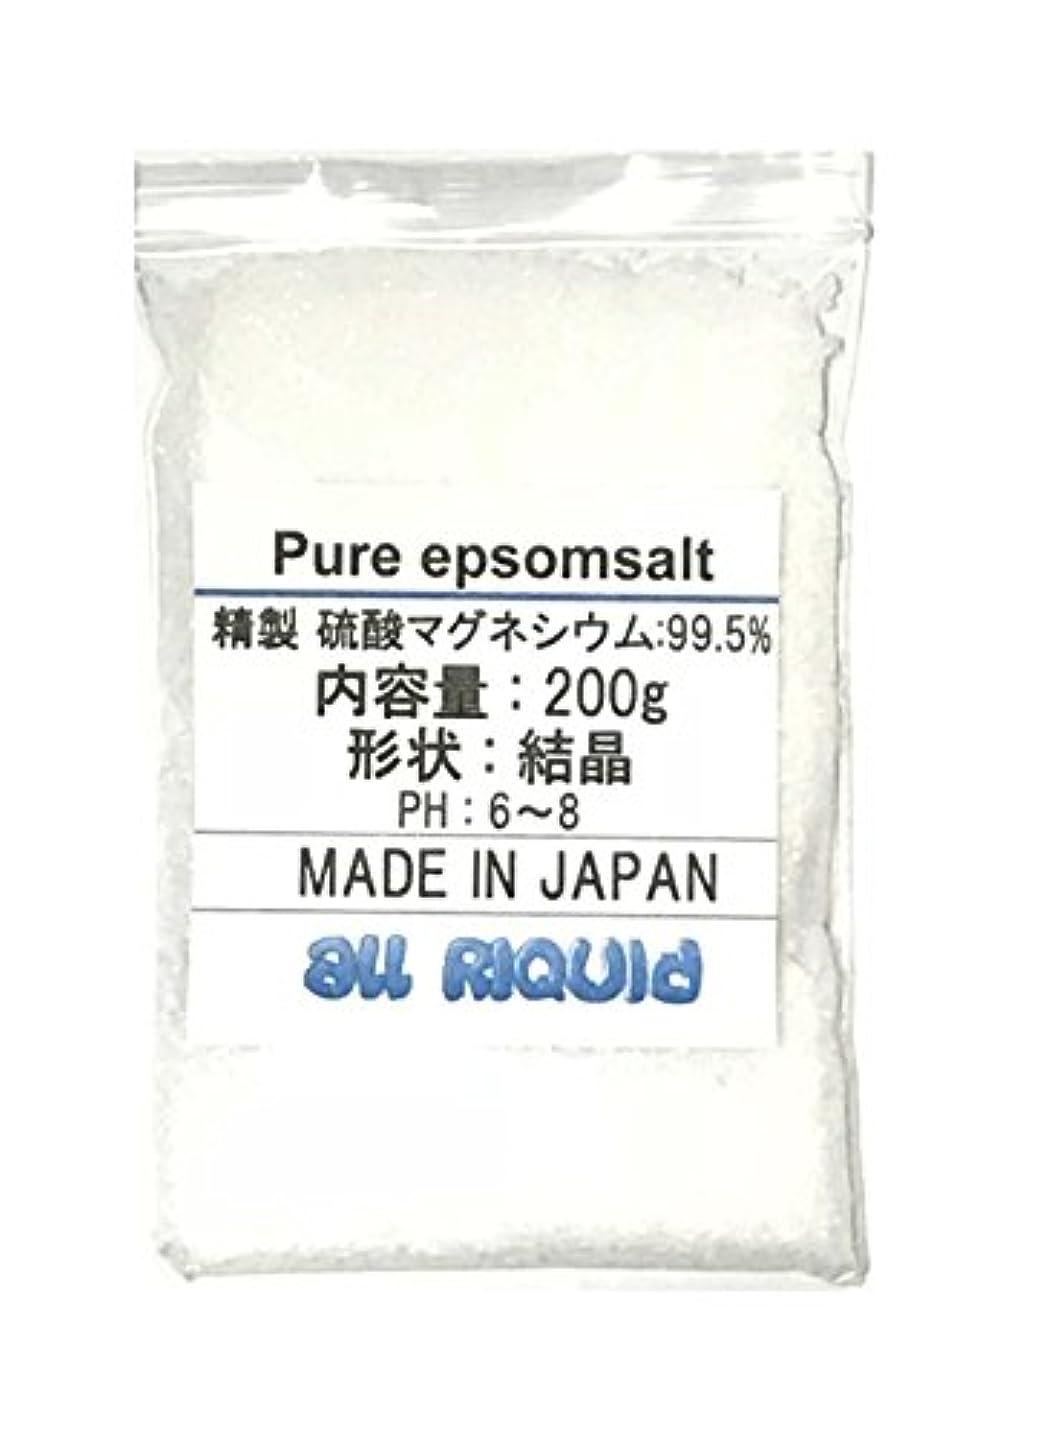 リムに向けて出発デンプシー純 エプソム 無香料 200g x2 (硫酸マグネシウム) 2回分 99.5% 国産品 オールリキッド